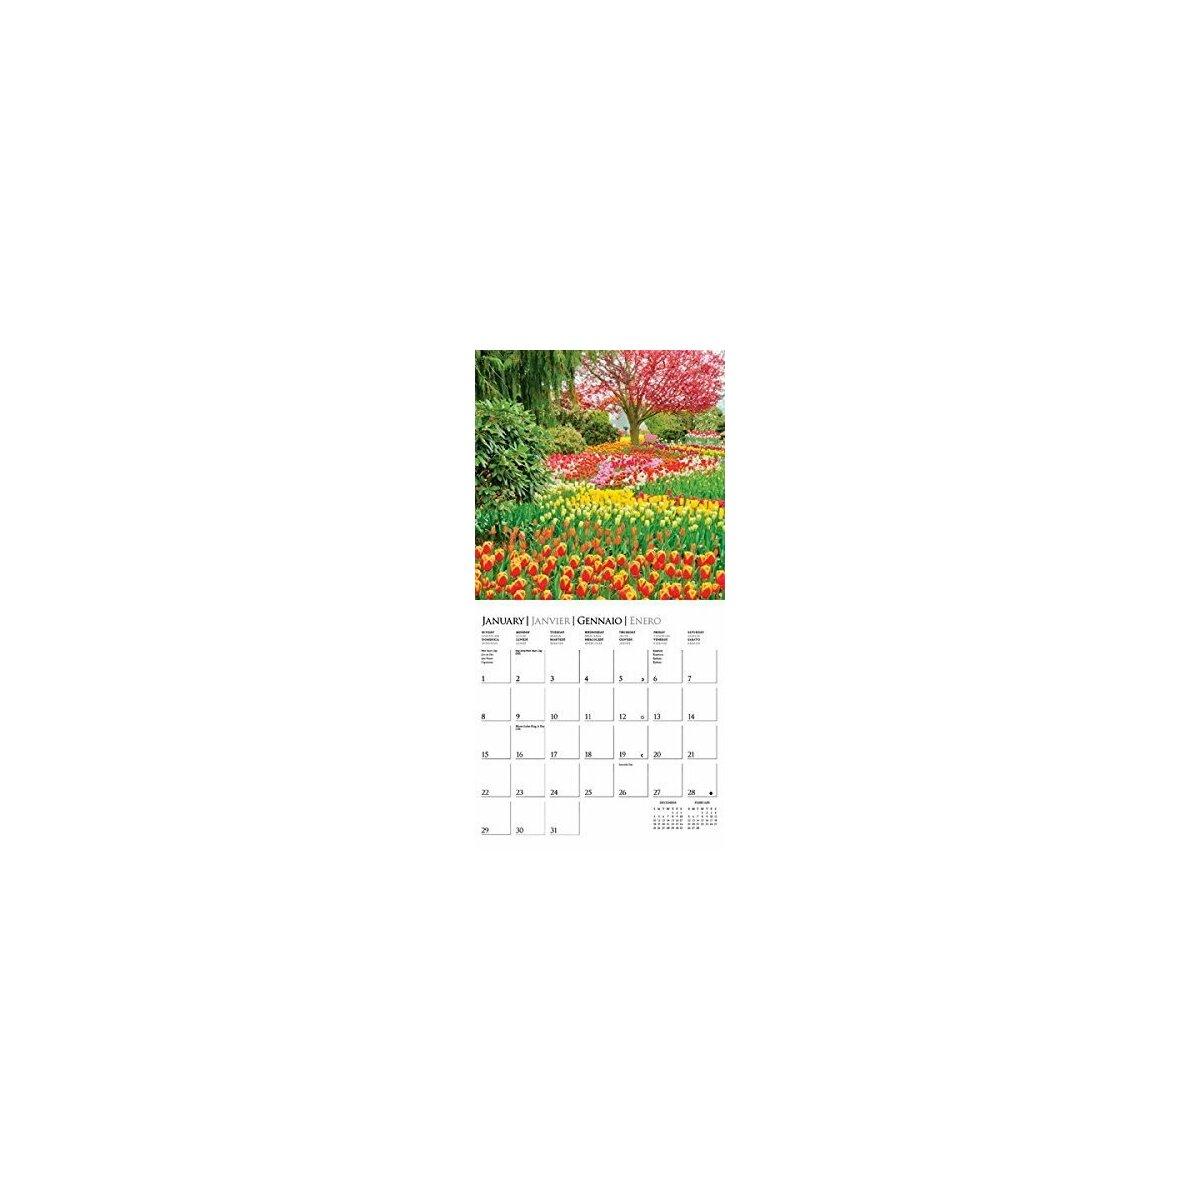 Mini calendrier jardin 2017 - Calendrier lunaire jardin mars 2017 ...